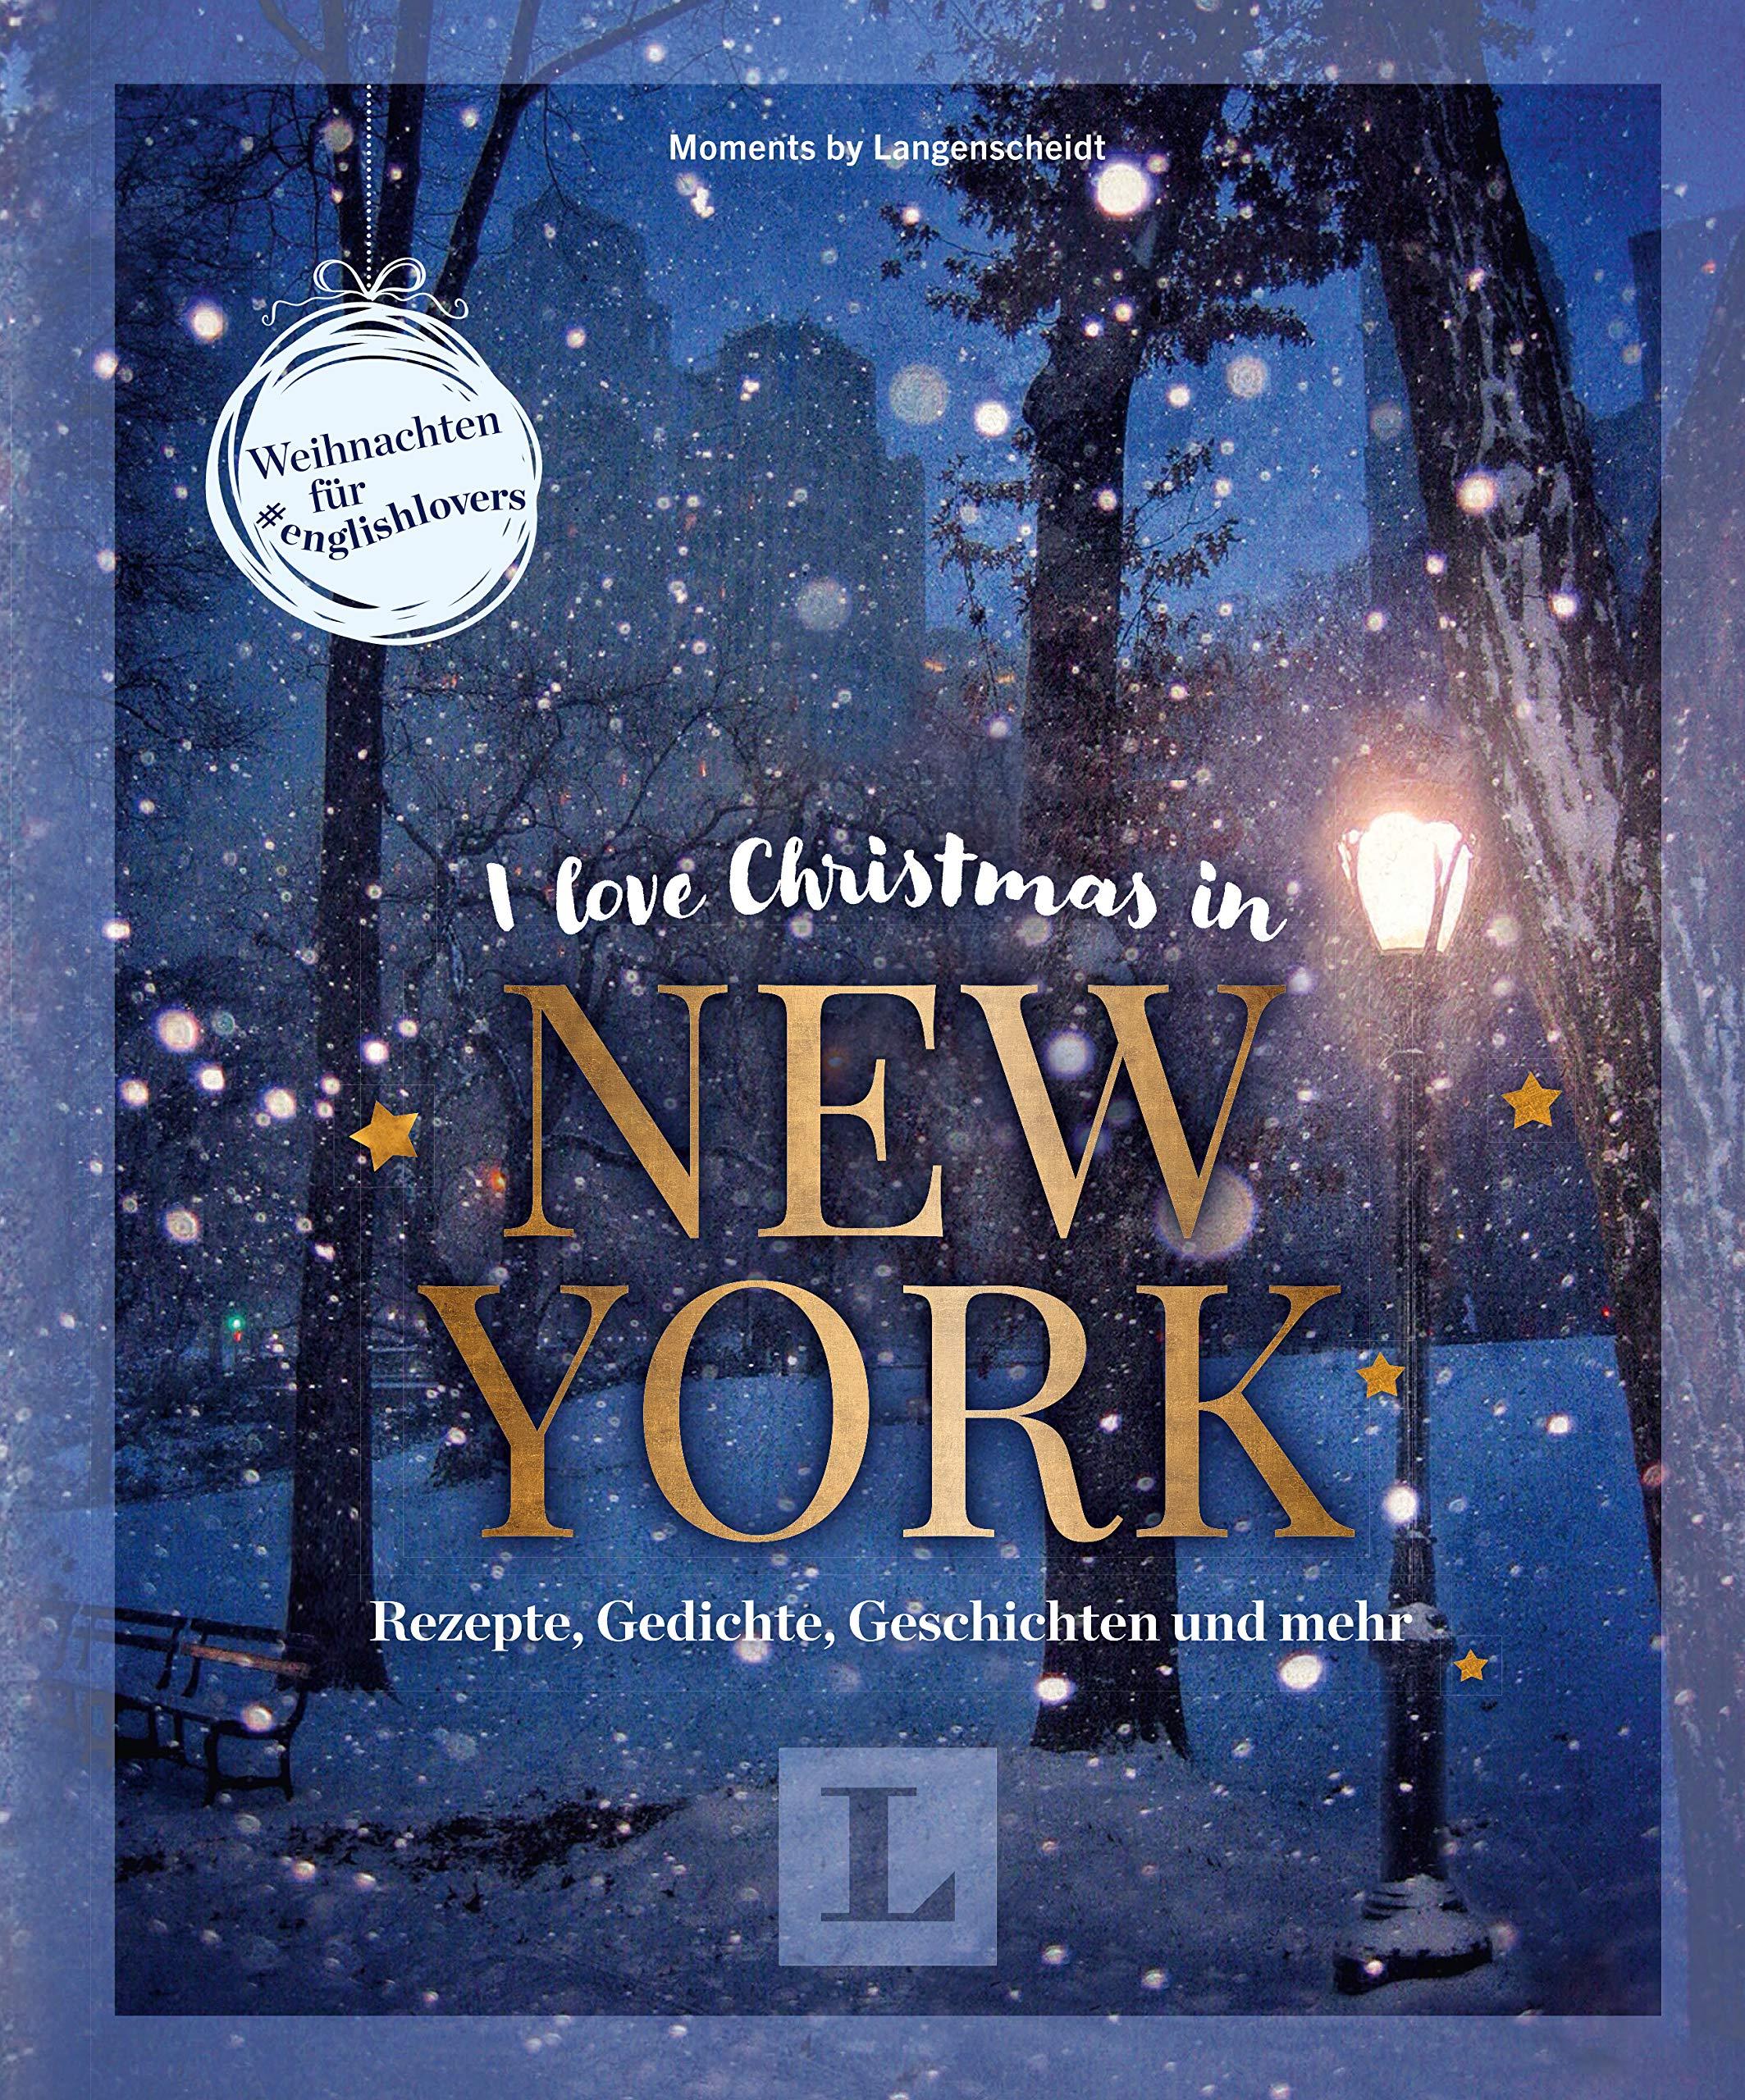 I love Christmas in New York - Coffeetable-Buch für Englisch-Fans ...